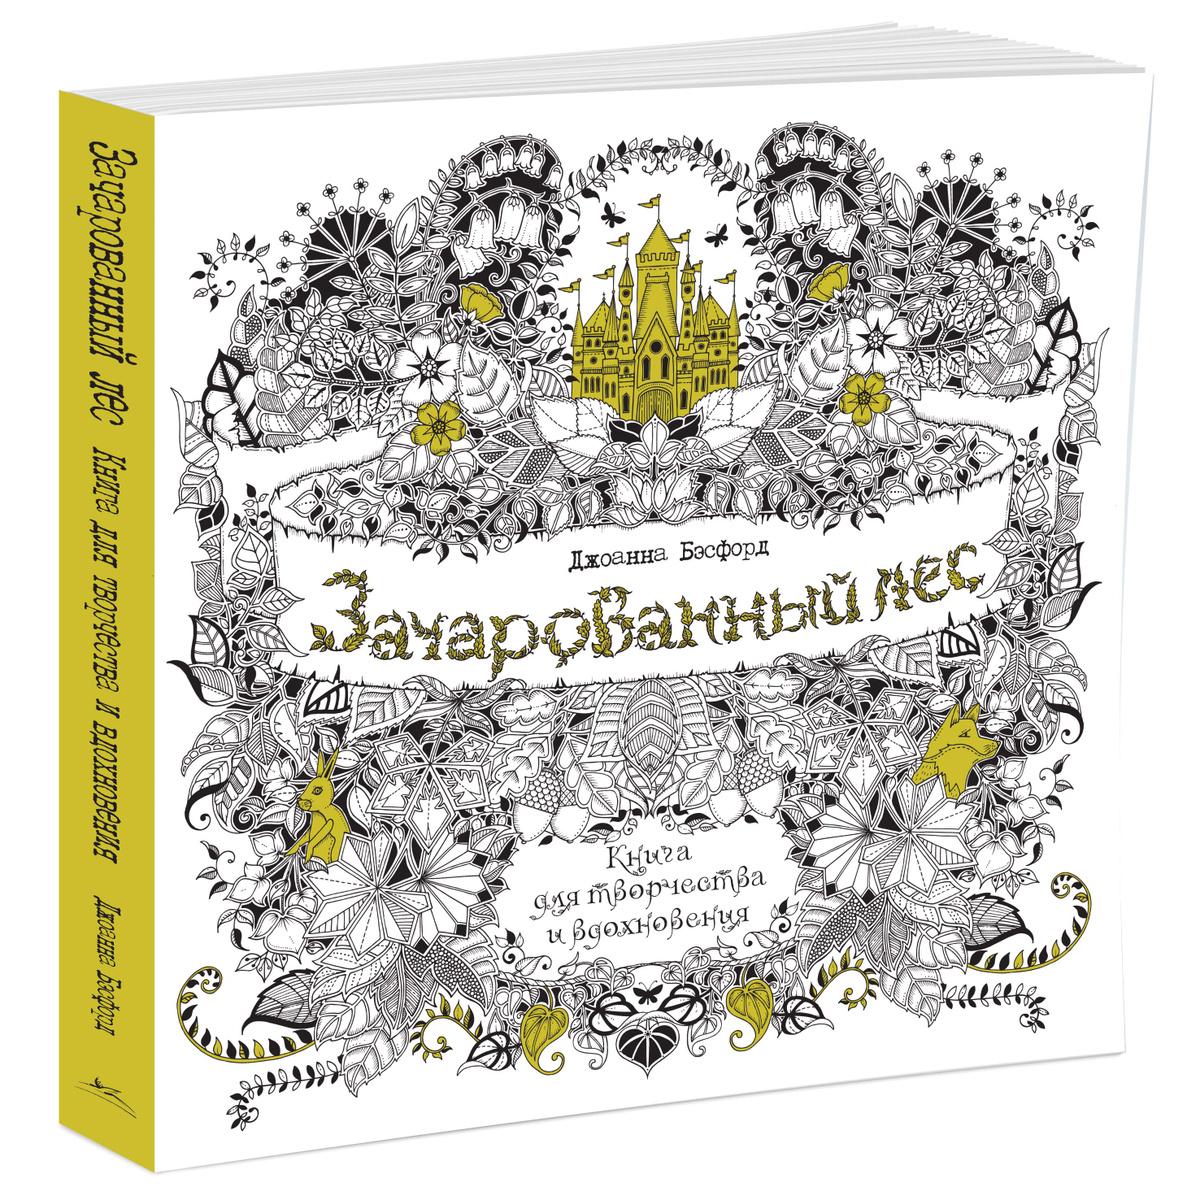 Зачарованный лес. Книга для творчества и вдохновения. Подарочное издание в суперобложке | Бэсфорд Джоанна #1